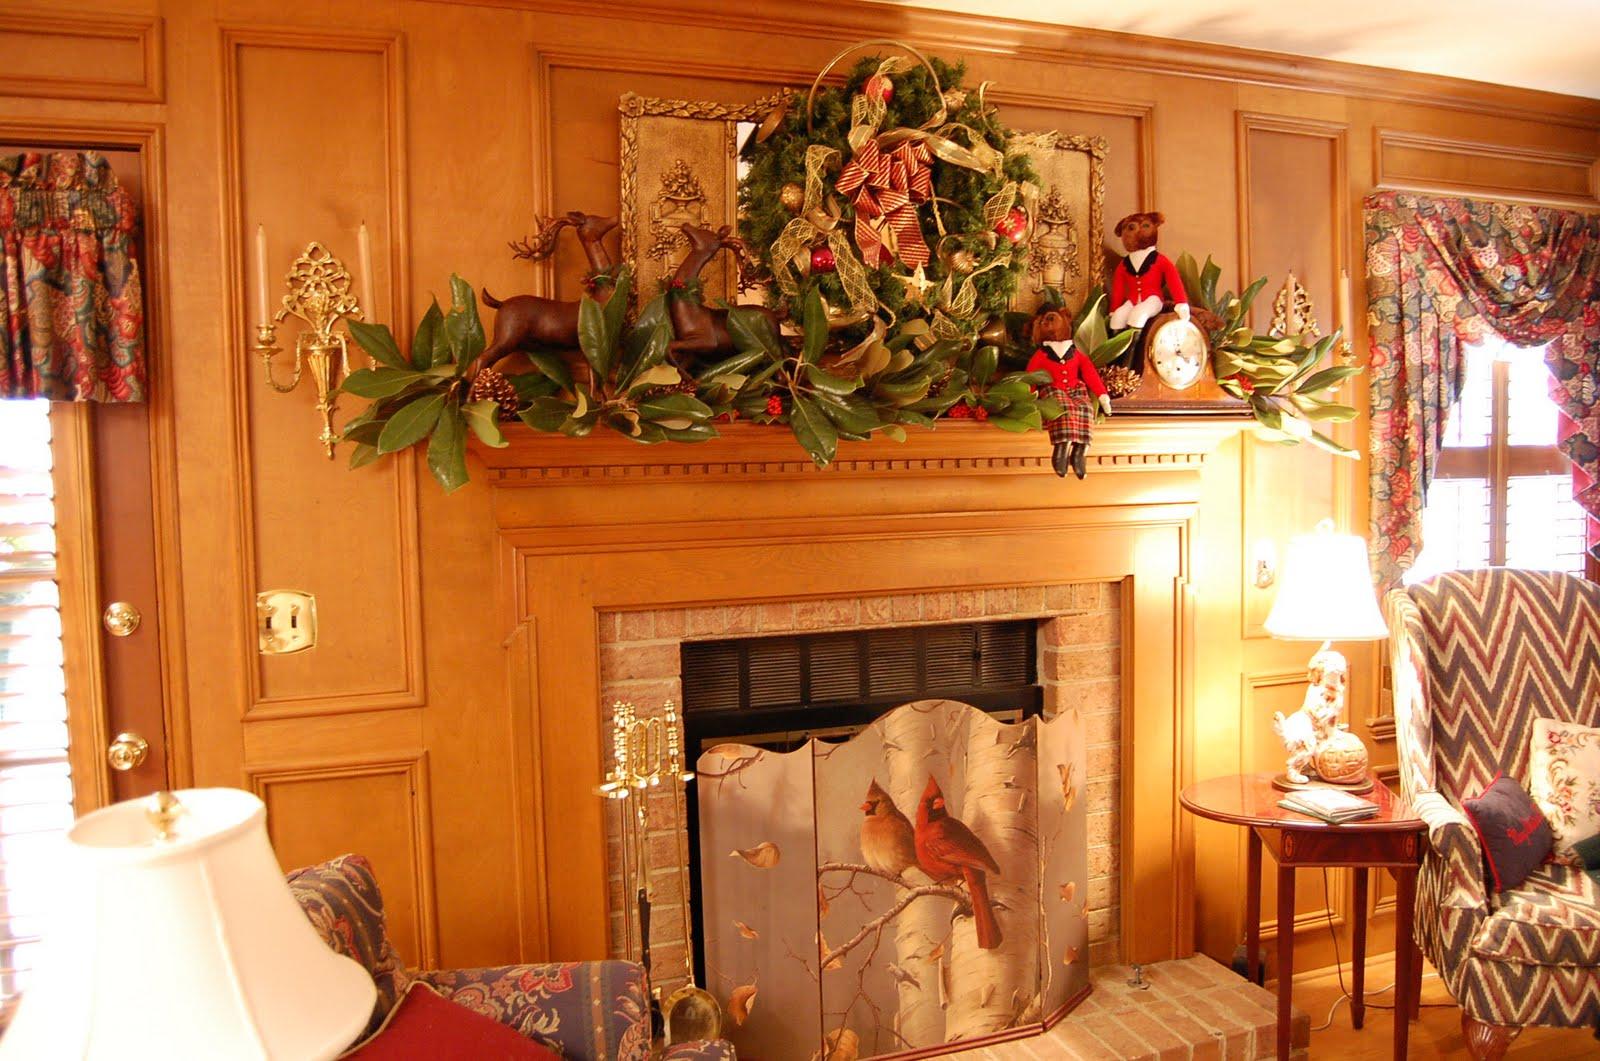 Country christmas mantel decor - Nature Hunt Themed Christmas Mantel